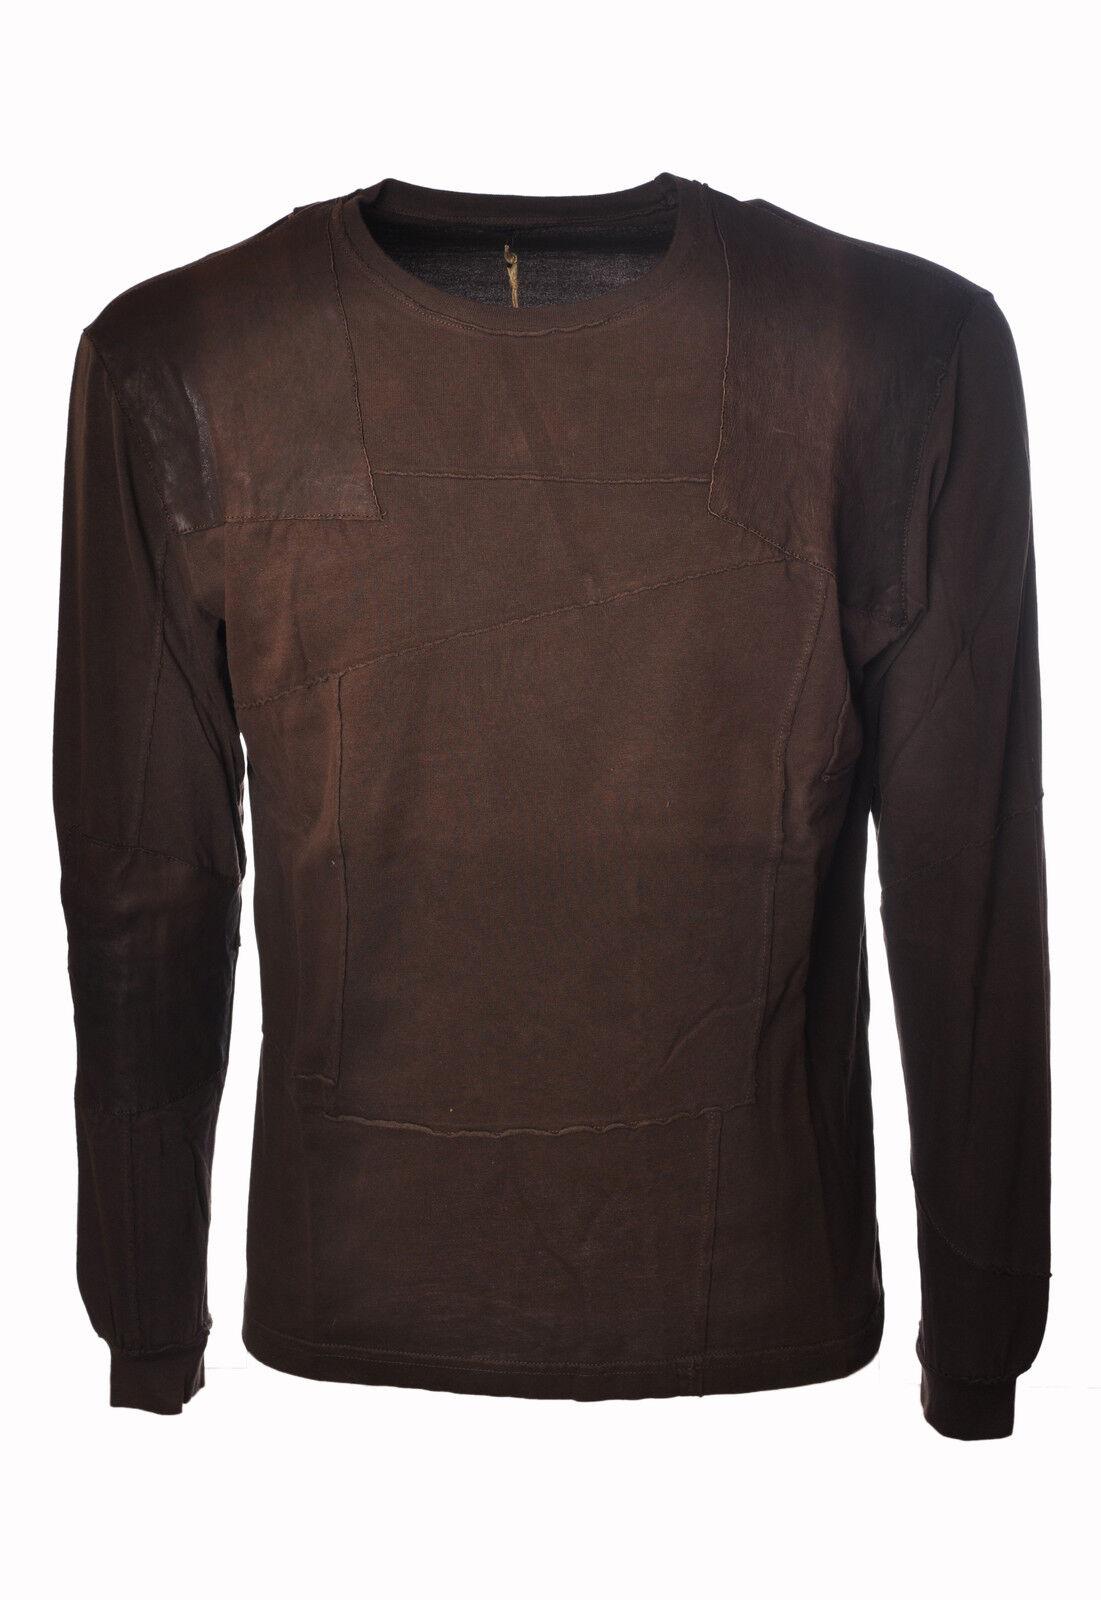 009i - Be  - Männchen - brown - 3731528A184431